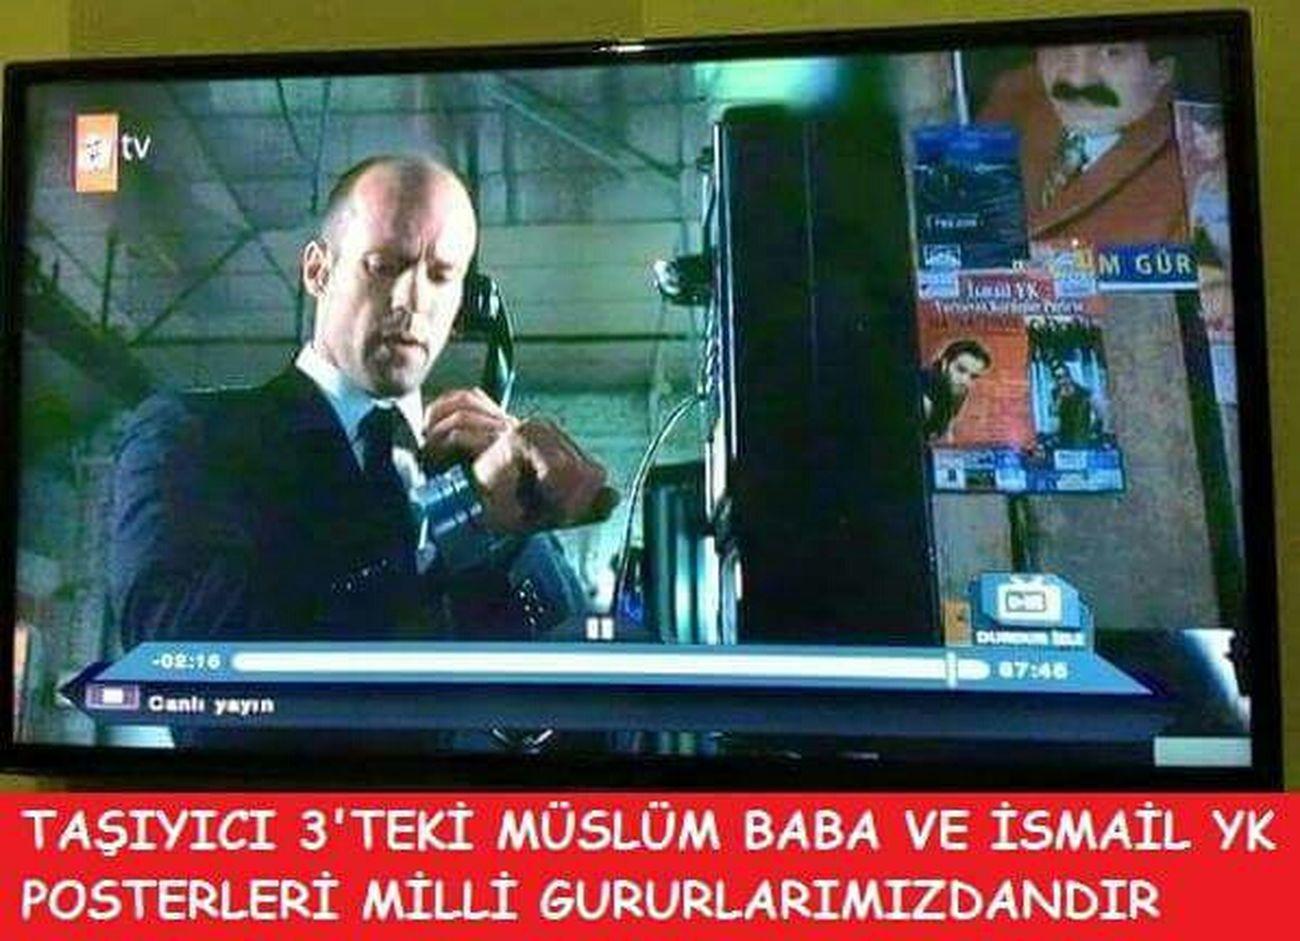 Türkiye Türkiye 💙💛 TürkiyeCumhuriyeti Taşıyıcı Ismail Yk MüslümBaba Mizah Makara Caps